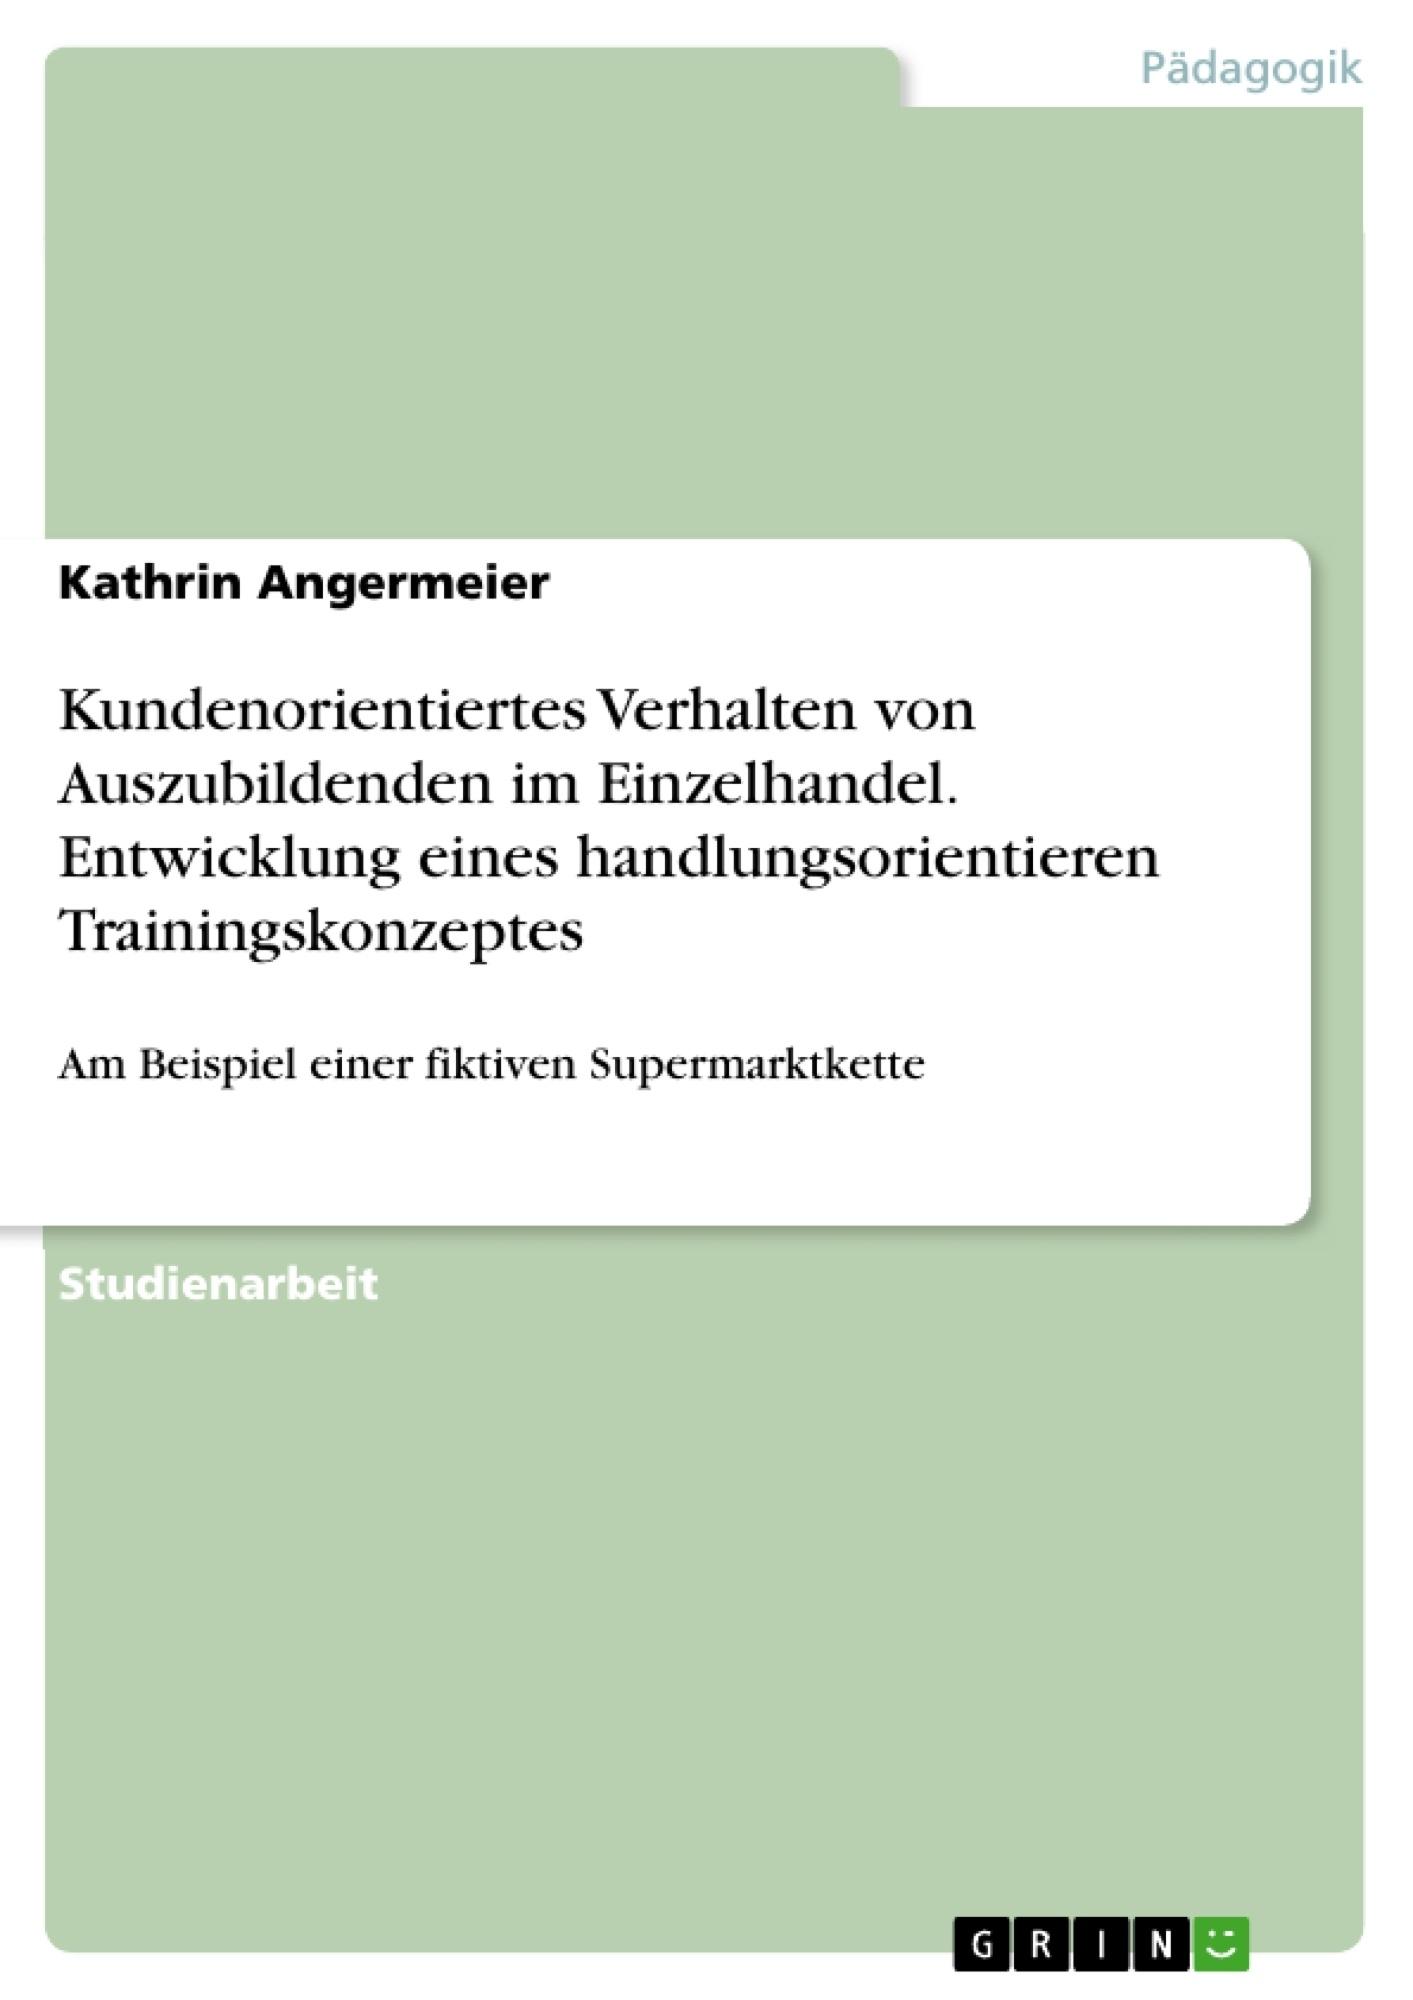 Titel: Kundenorientiertes Verhalten von Auszubildenden im Einzelhandel. Entwicklung eines handlungsorientieren Trainingskonzeptes